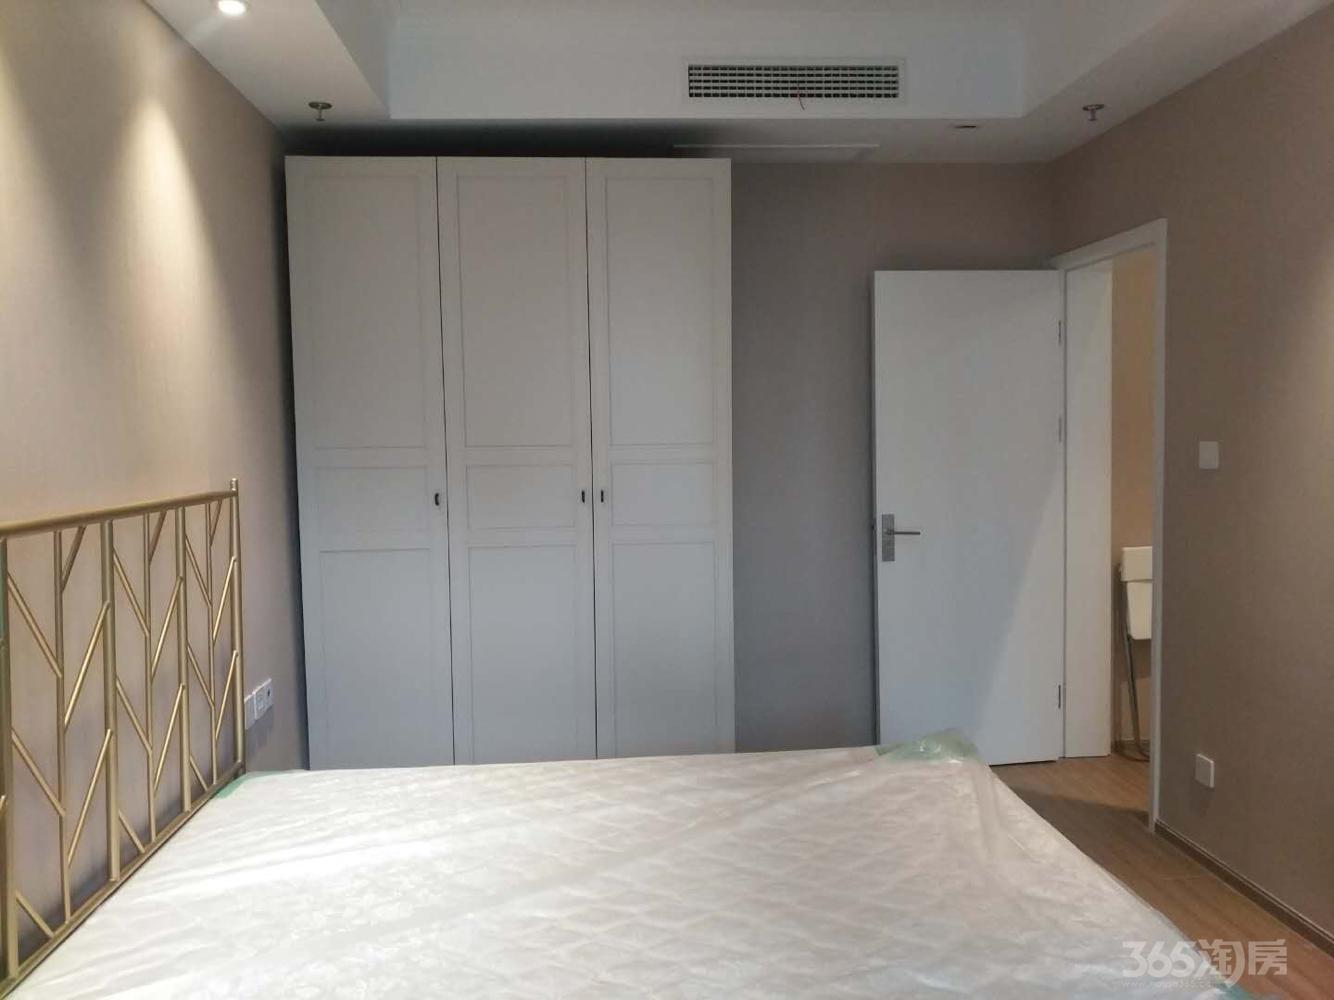 证大大拇指广场2室1厅1卫55平米整租豪华装